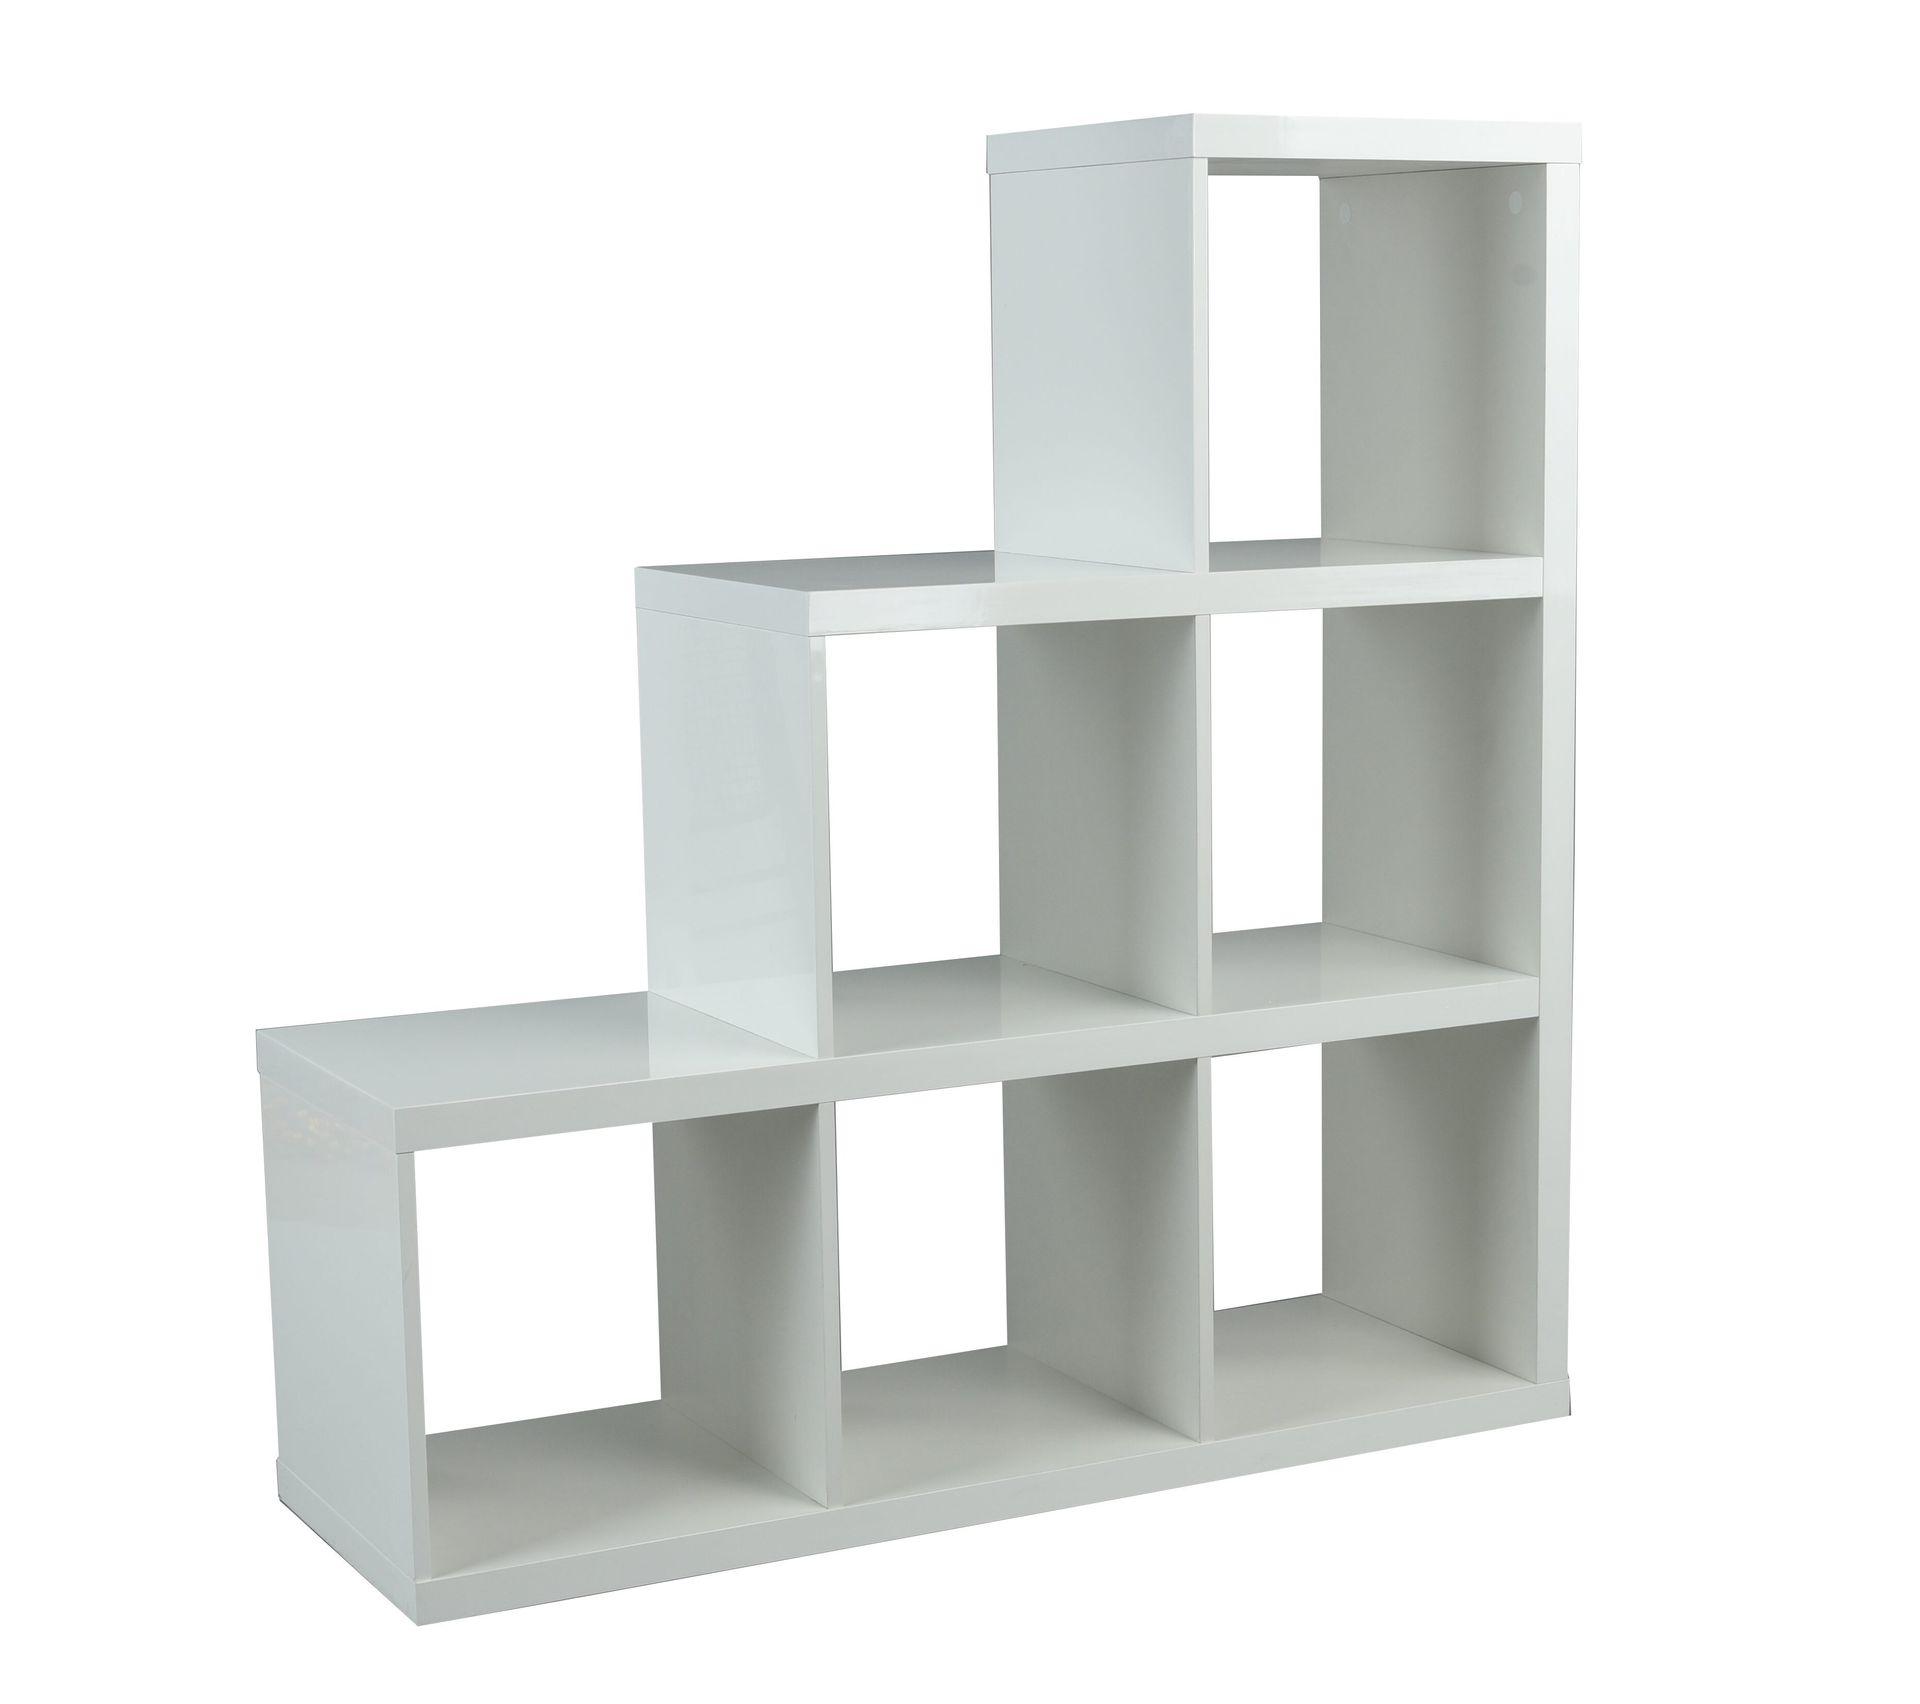 Separation Escalier Next 2 Blanc Laque Bibliotheque Et Etagere But